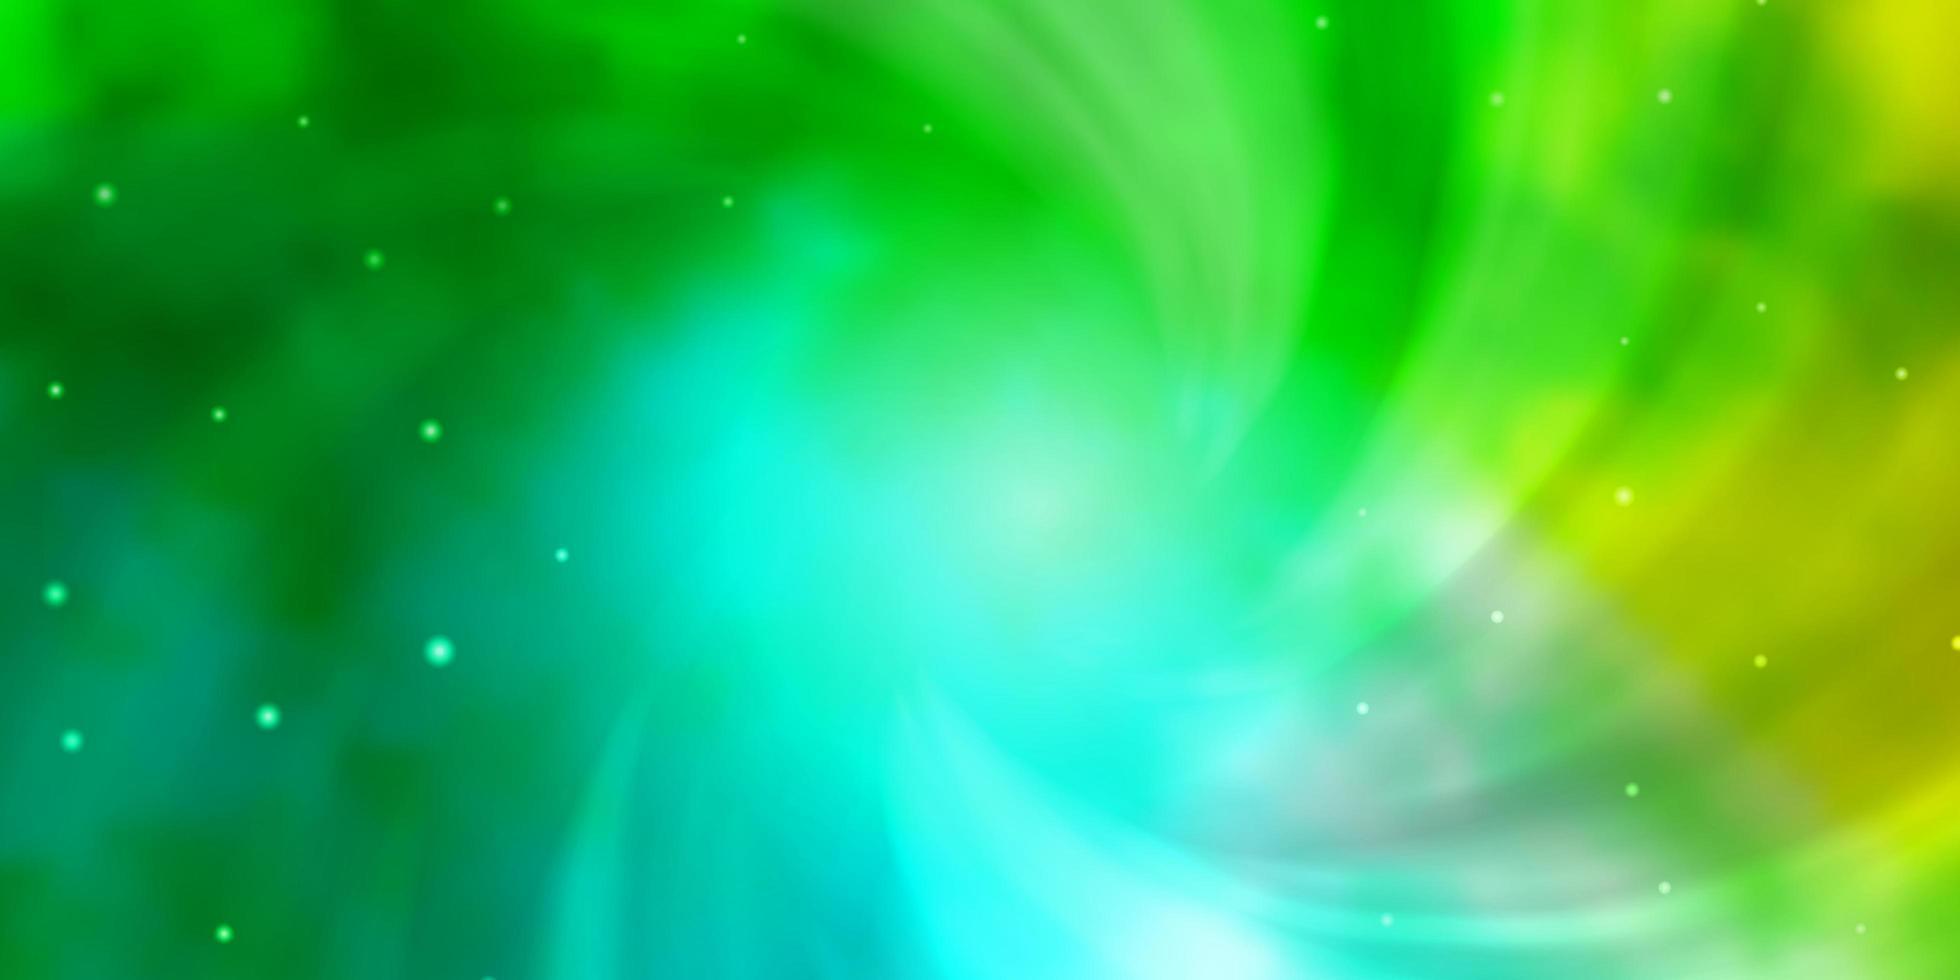 grünes Muster mit abstrakten Sternen. vektor